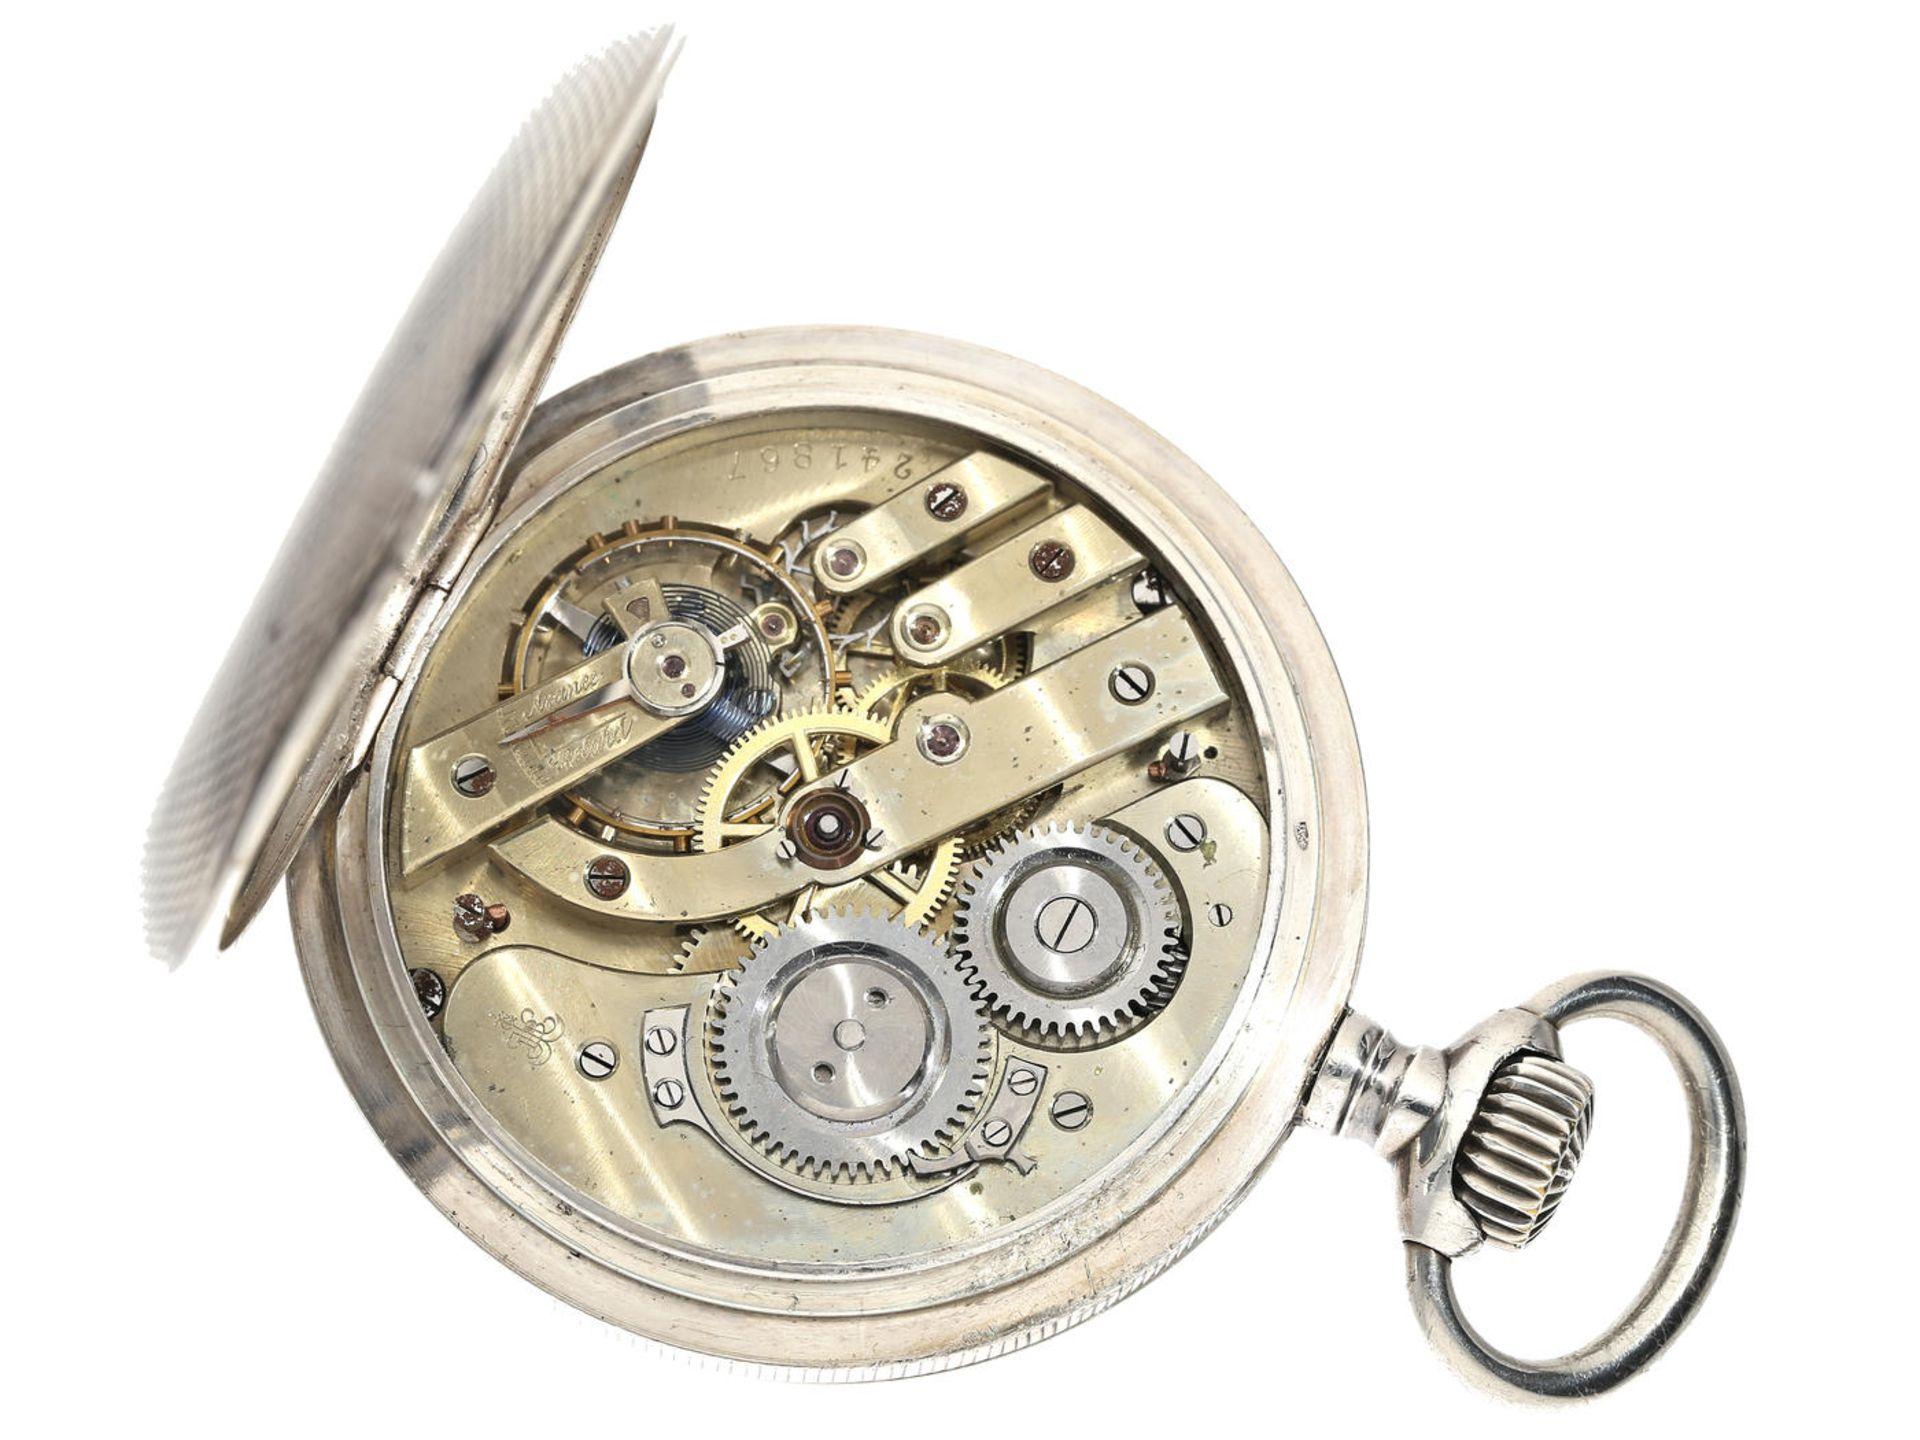 Taschenuhr: besonders große und schwere Silbersavonnette für den russischen Markt, - Bild 3 aus 3